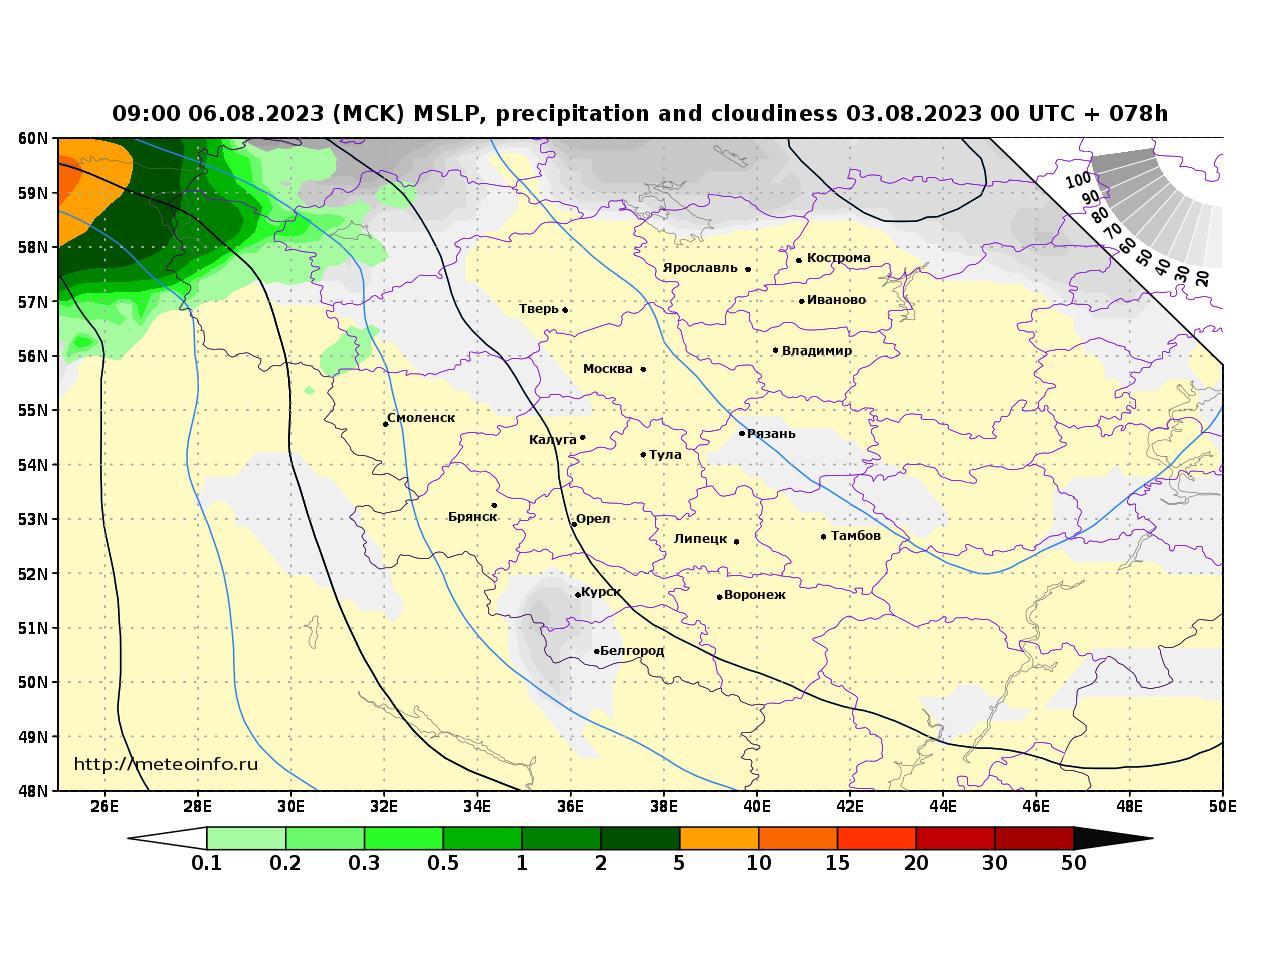 Центральный Федеральный округ, прогностическая карта осадки и давление, заблаговременность прогноза 78 часов